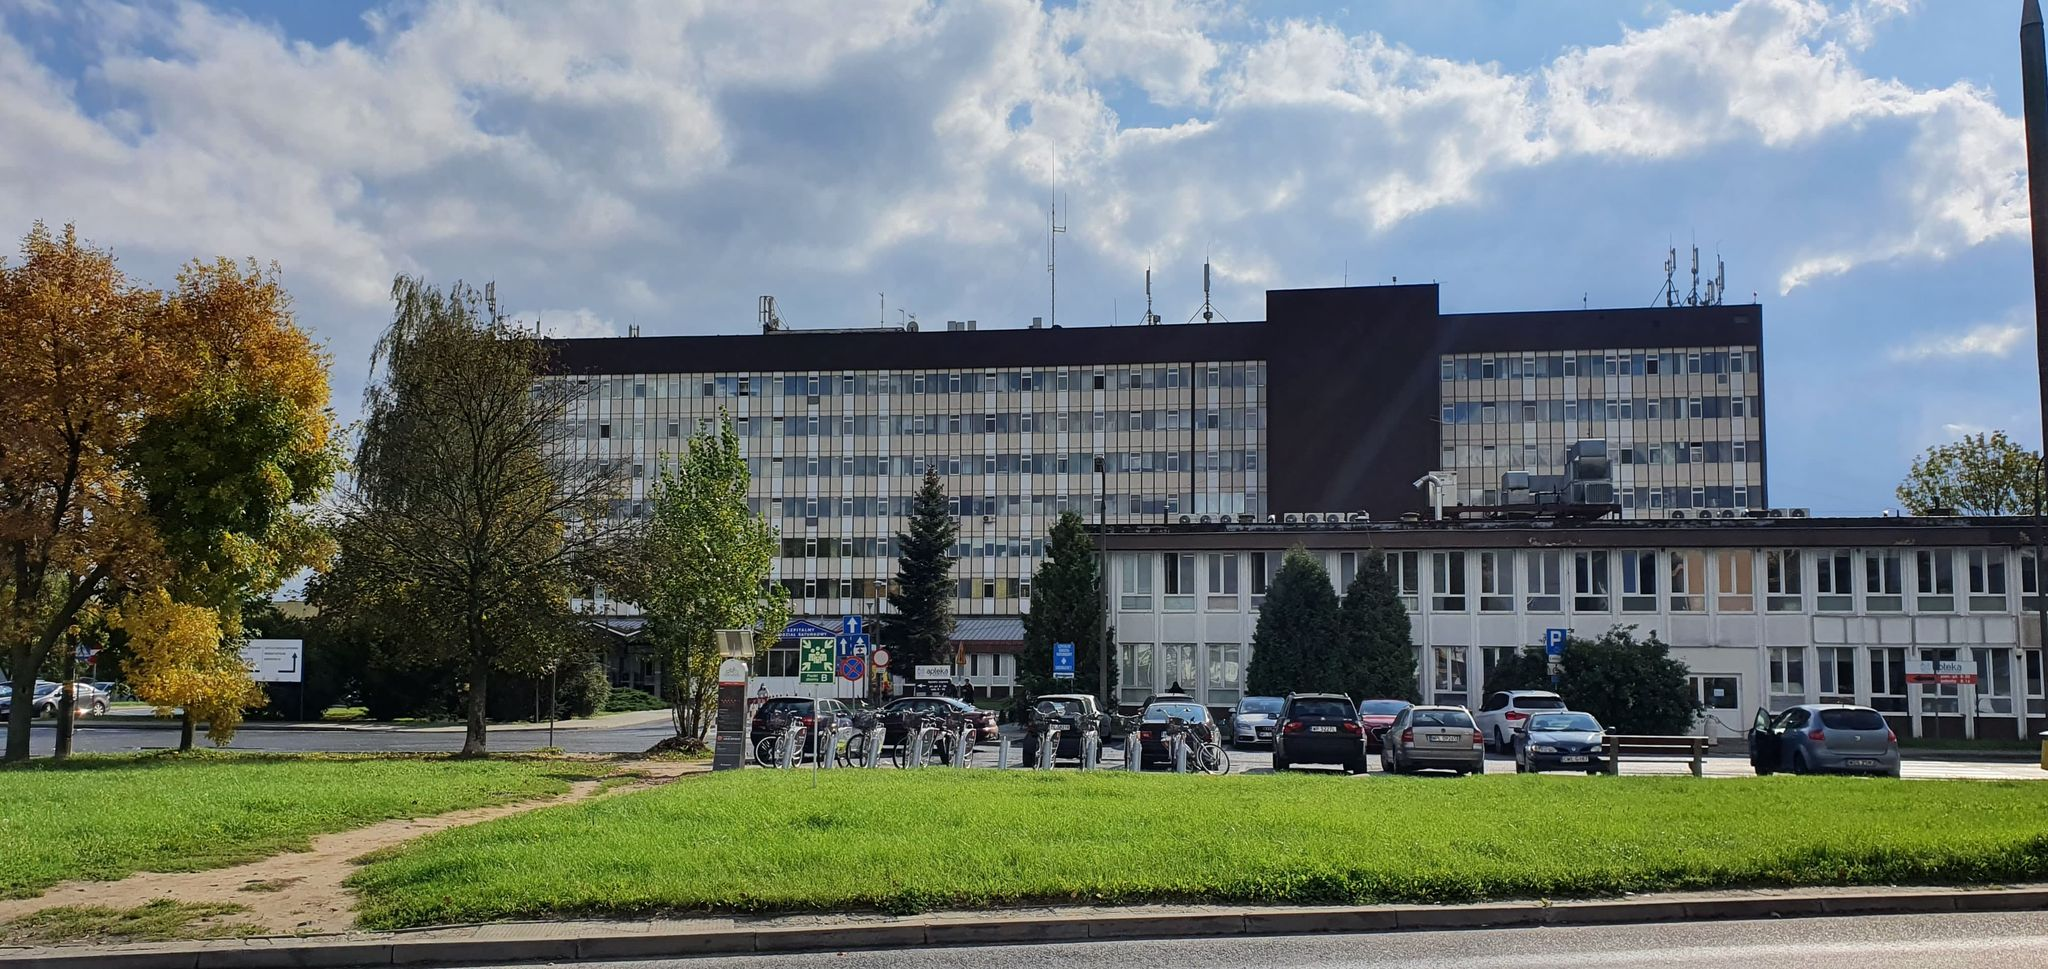 Miliony dla Płocka i regionu. Będą m.in. inwestycje w szpital na Winiarach i teatr - Zdjęcie główne